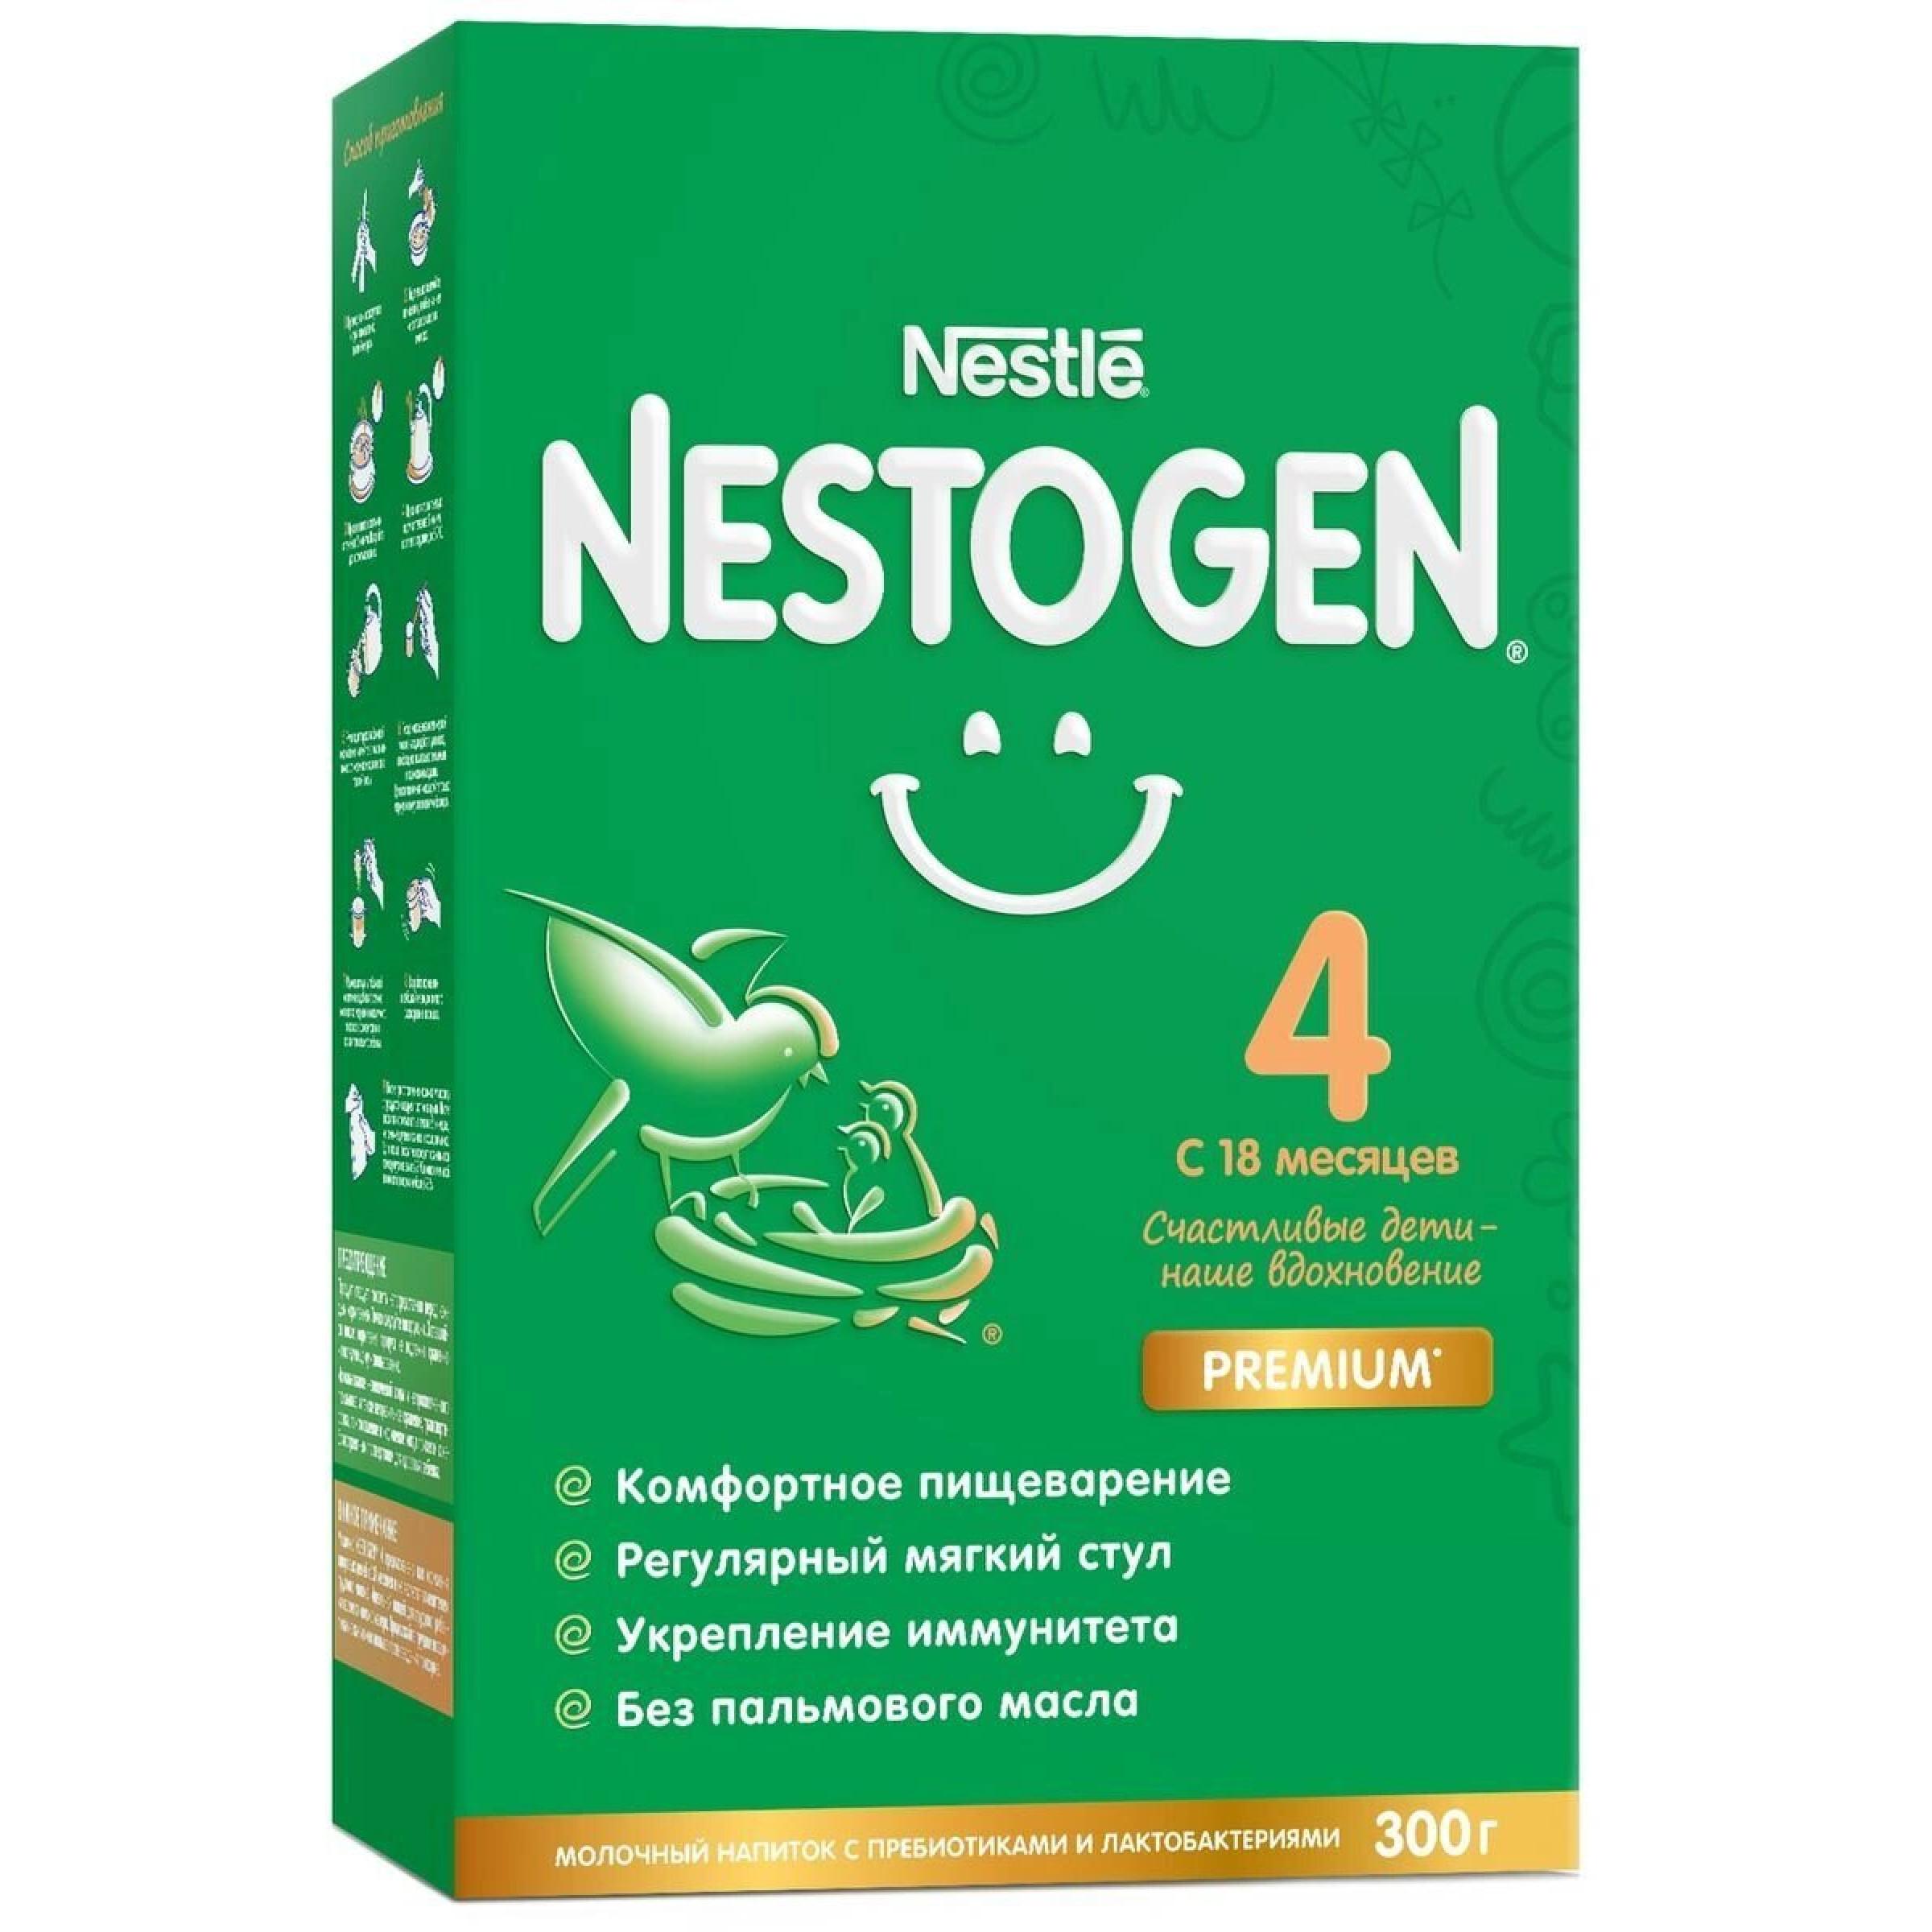 Молочко Nestogen - 4 с 18 месяцев, 300 г